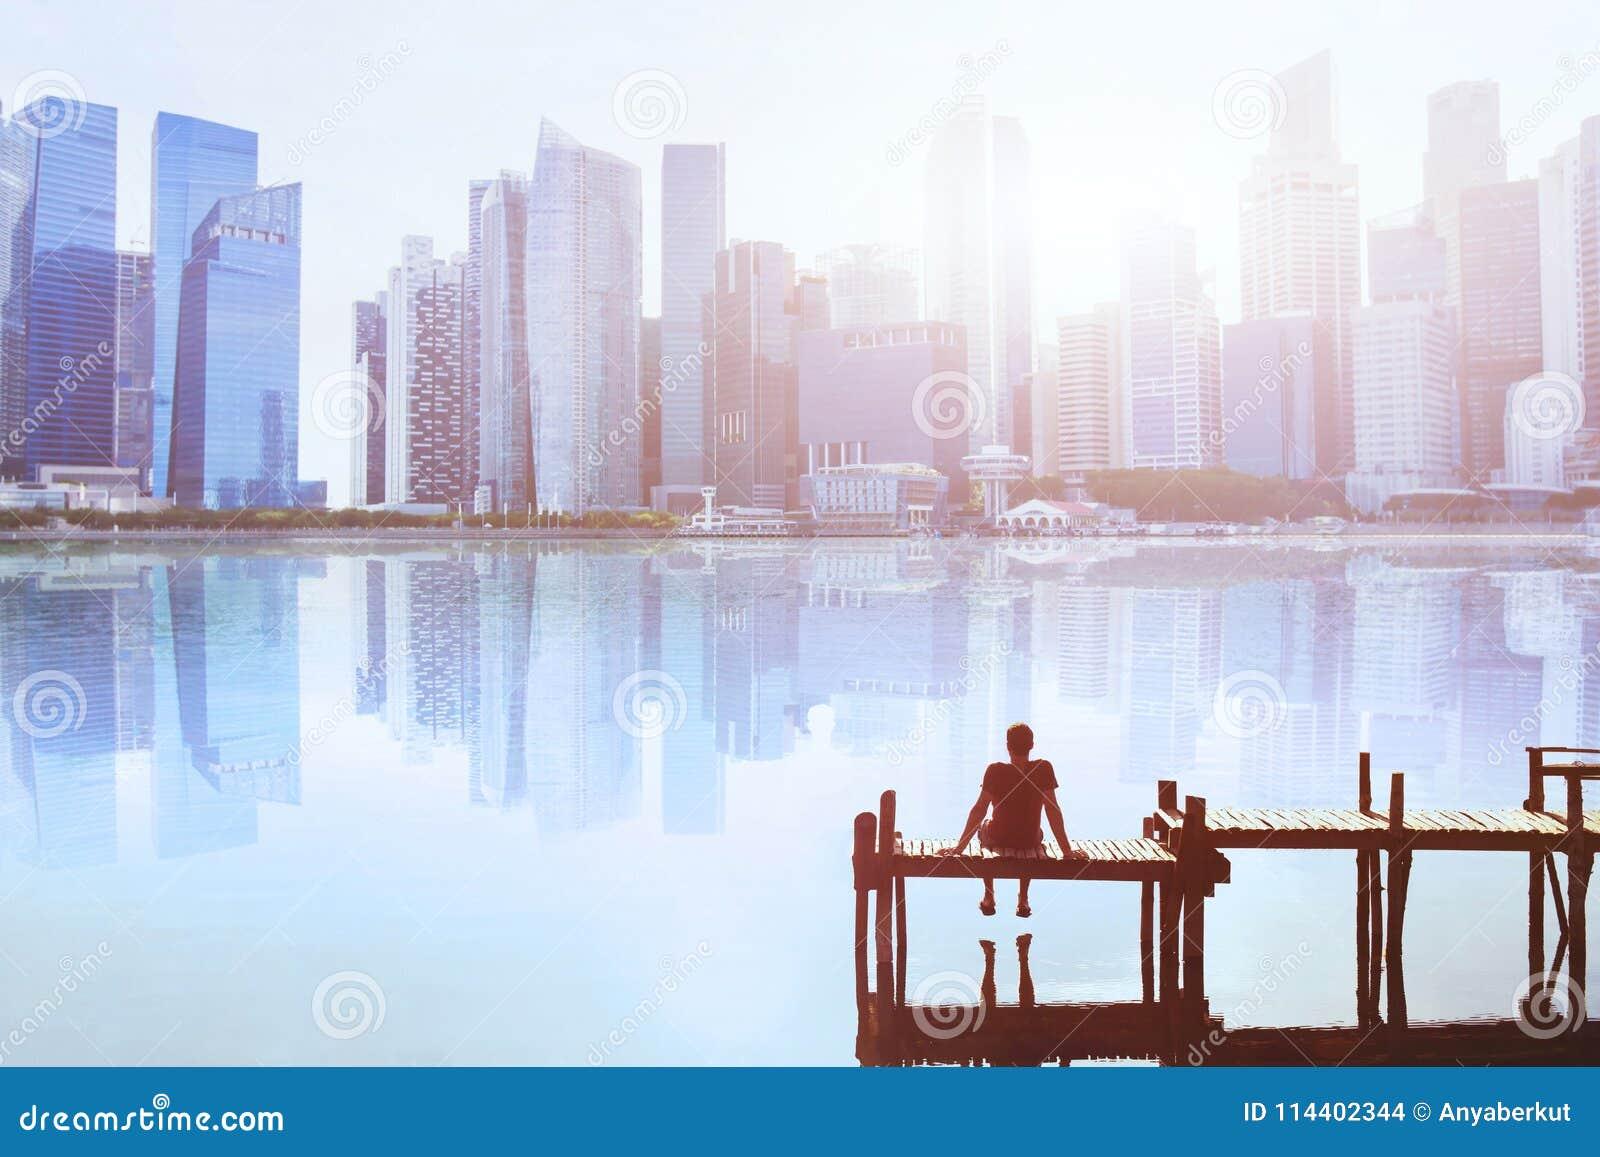 Concepto ideal, hombre que se sienta en el embarcadero y que disfruta de paisaje urbano moderno